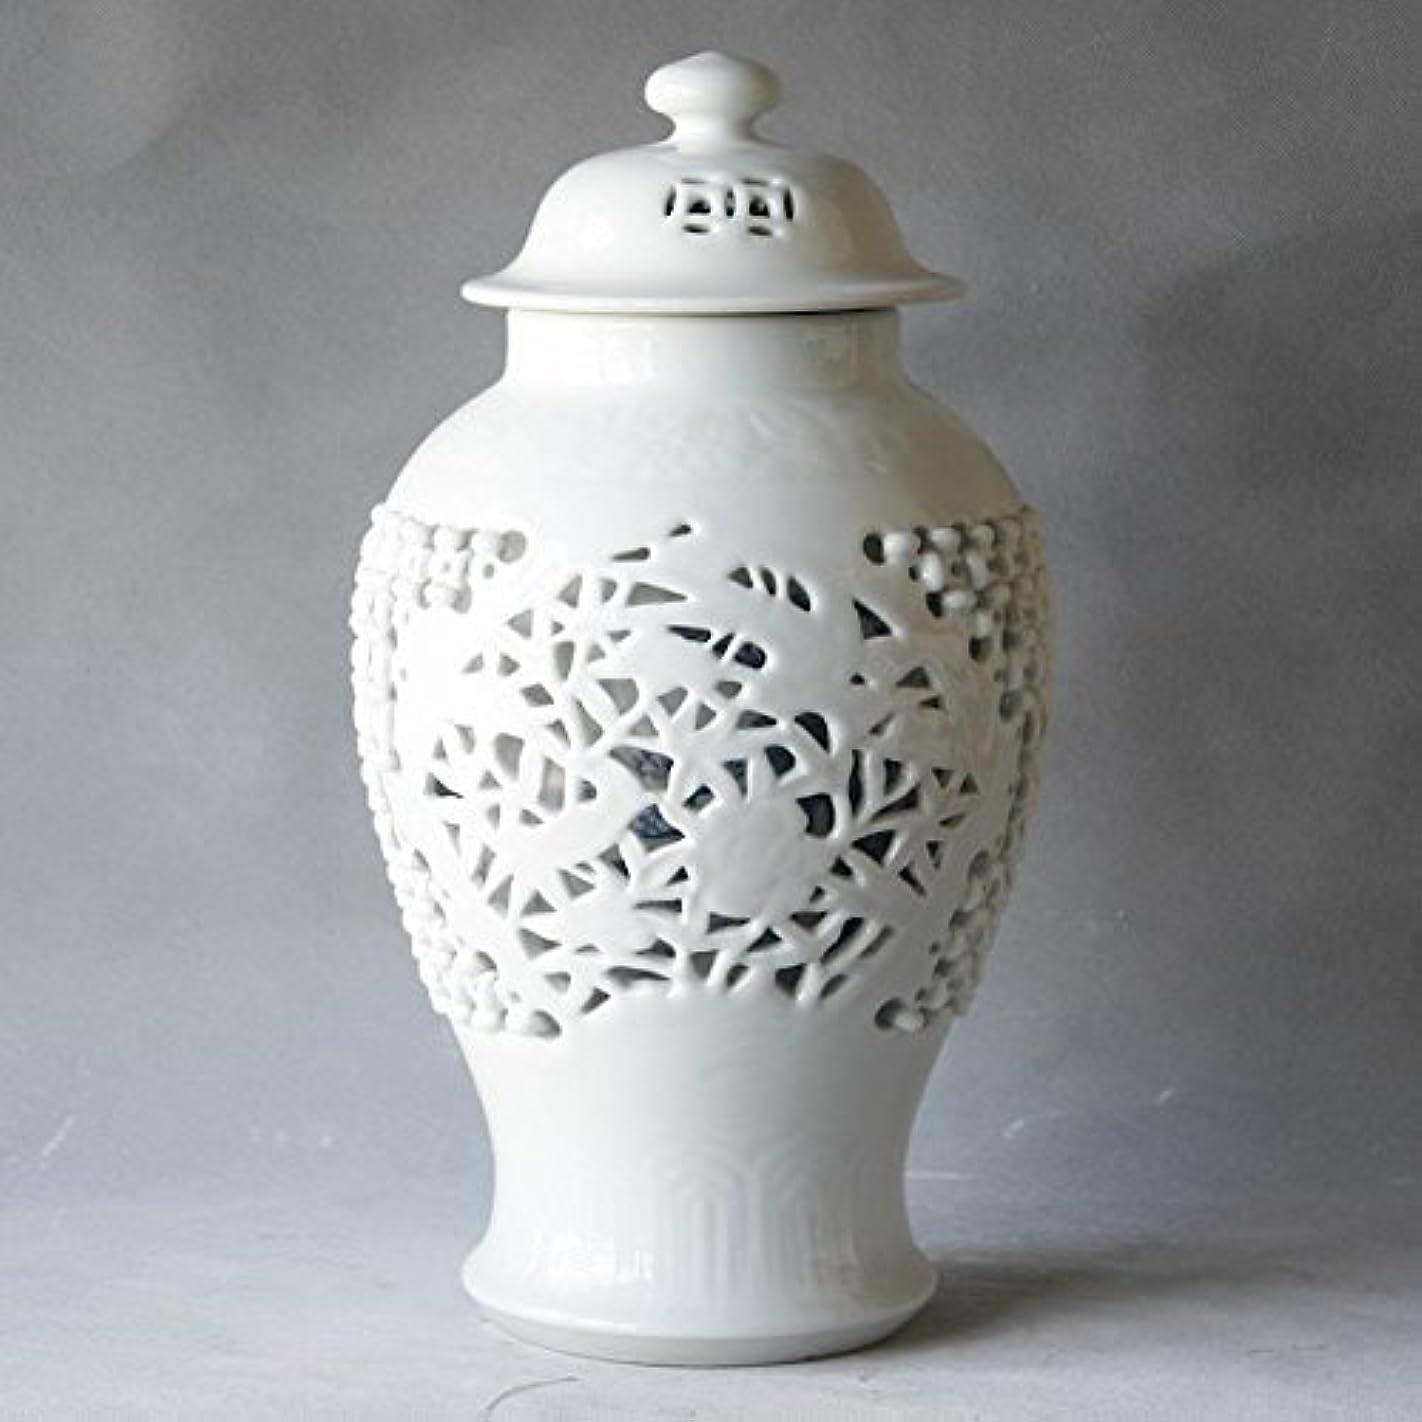 降伏キウイエイズアジアTraditional ChineseセラミックホワイトCarvedノット魅力的なTemple Jar